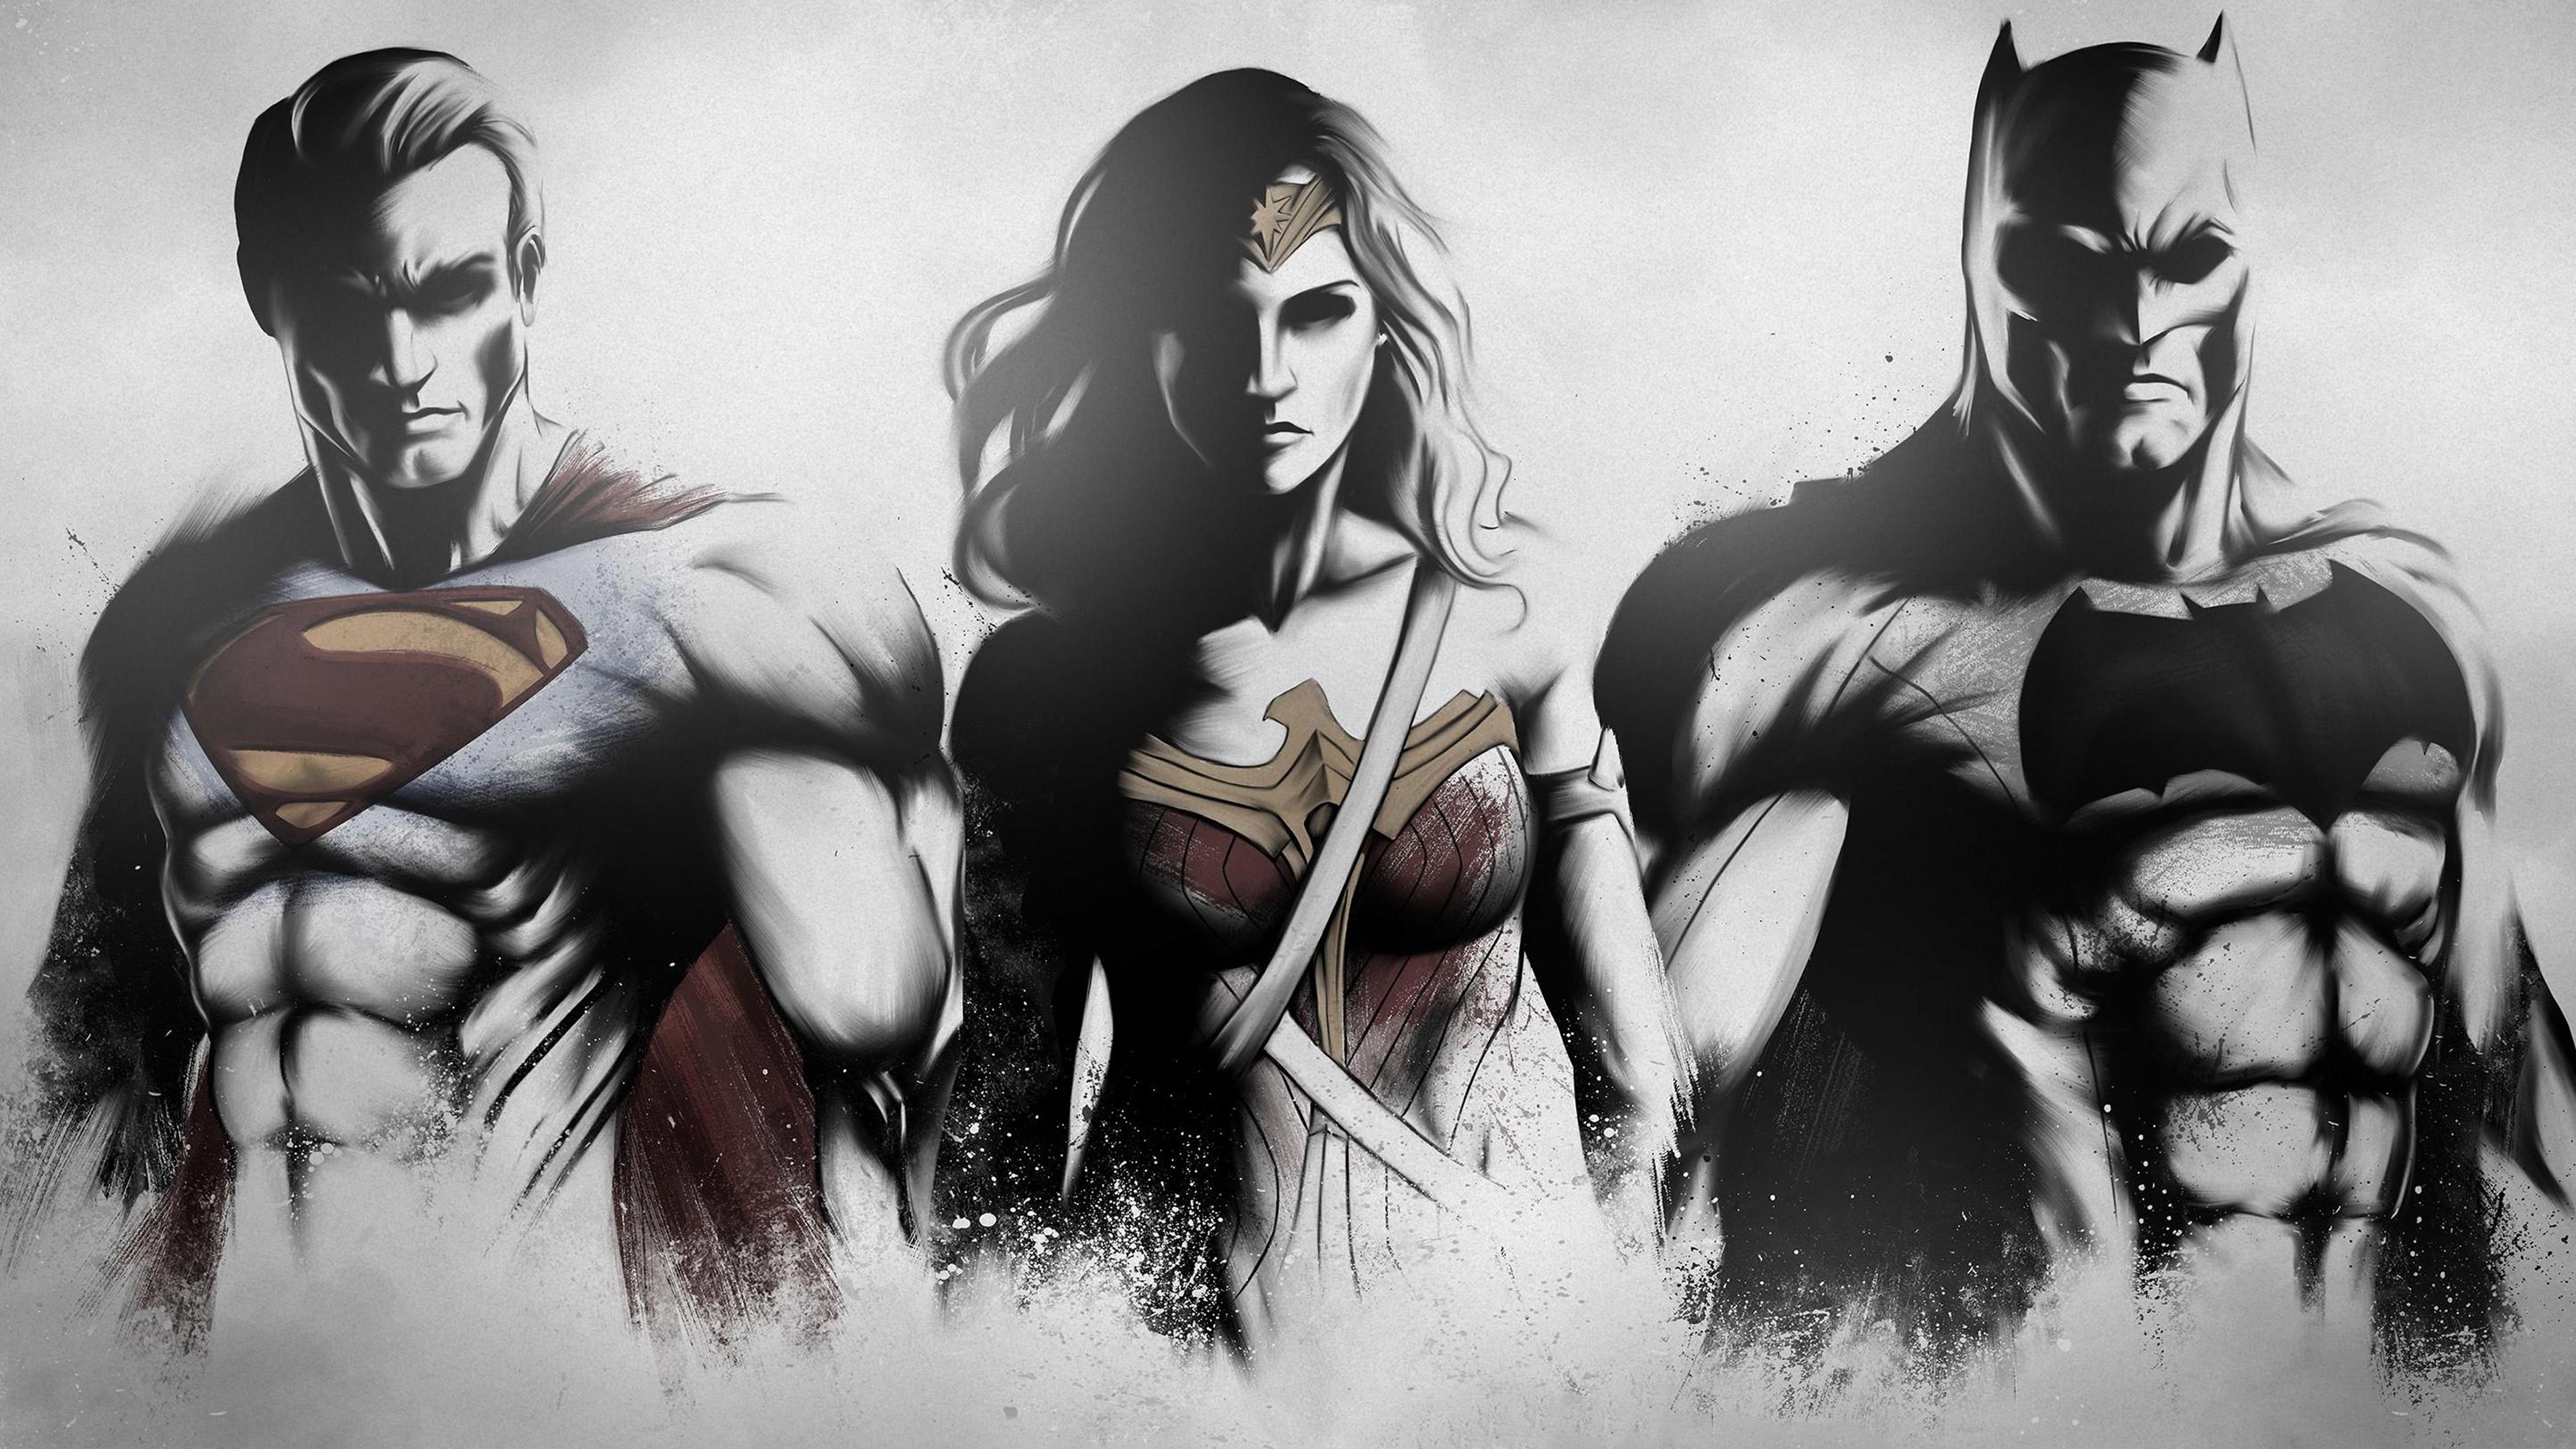 Супермен чудо женщина Бэтмен фан-арт обои скачать